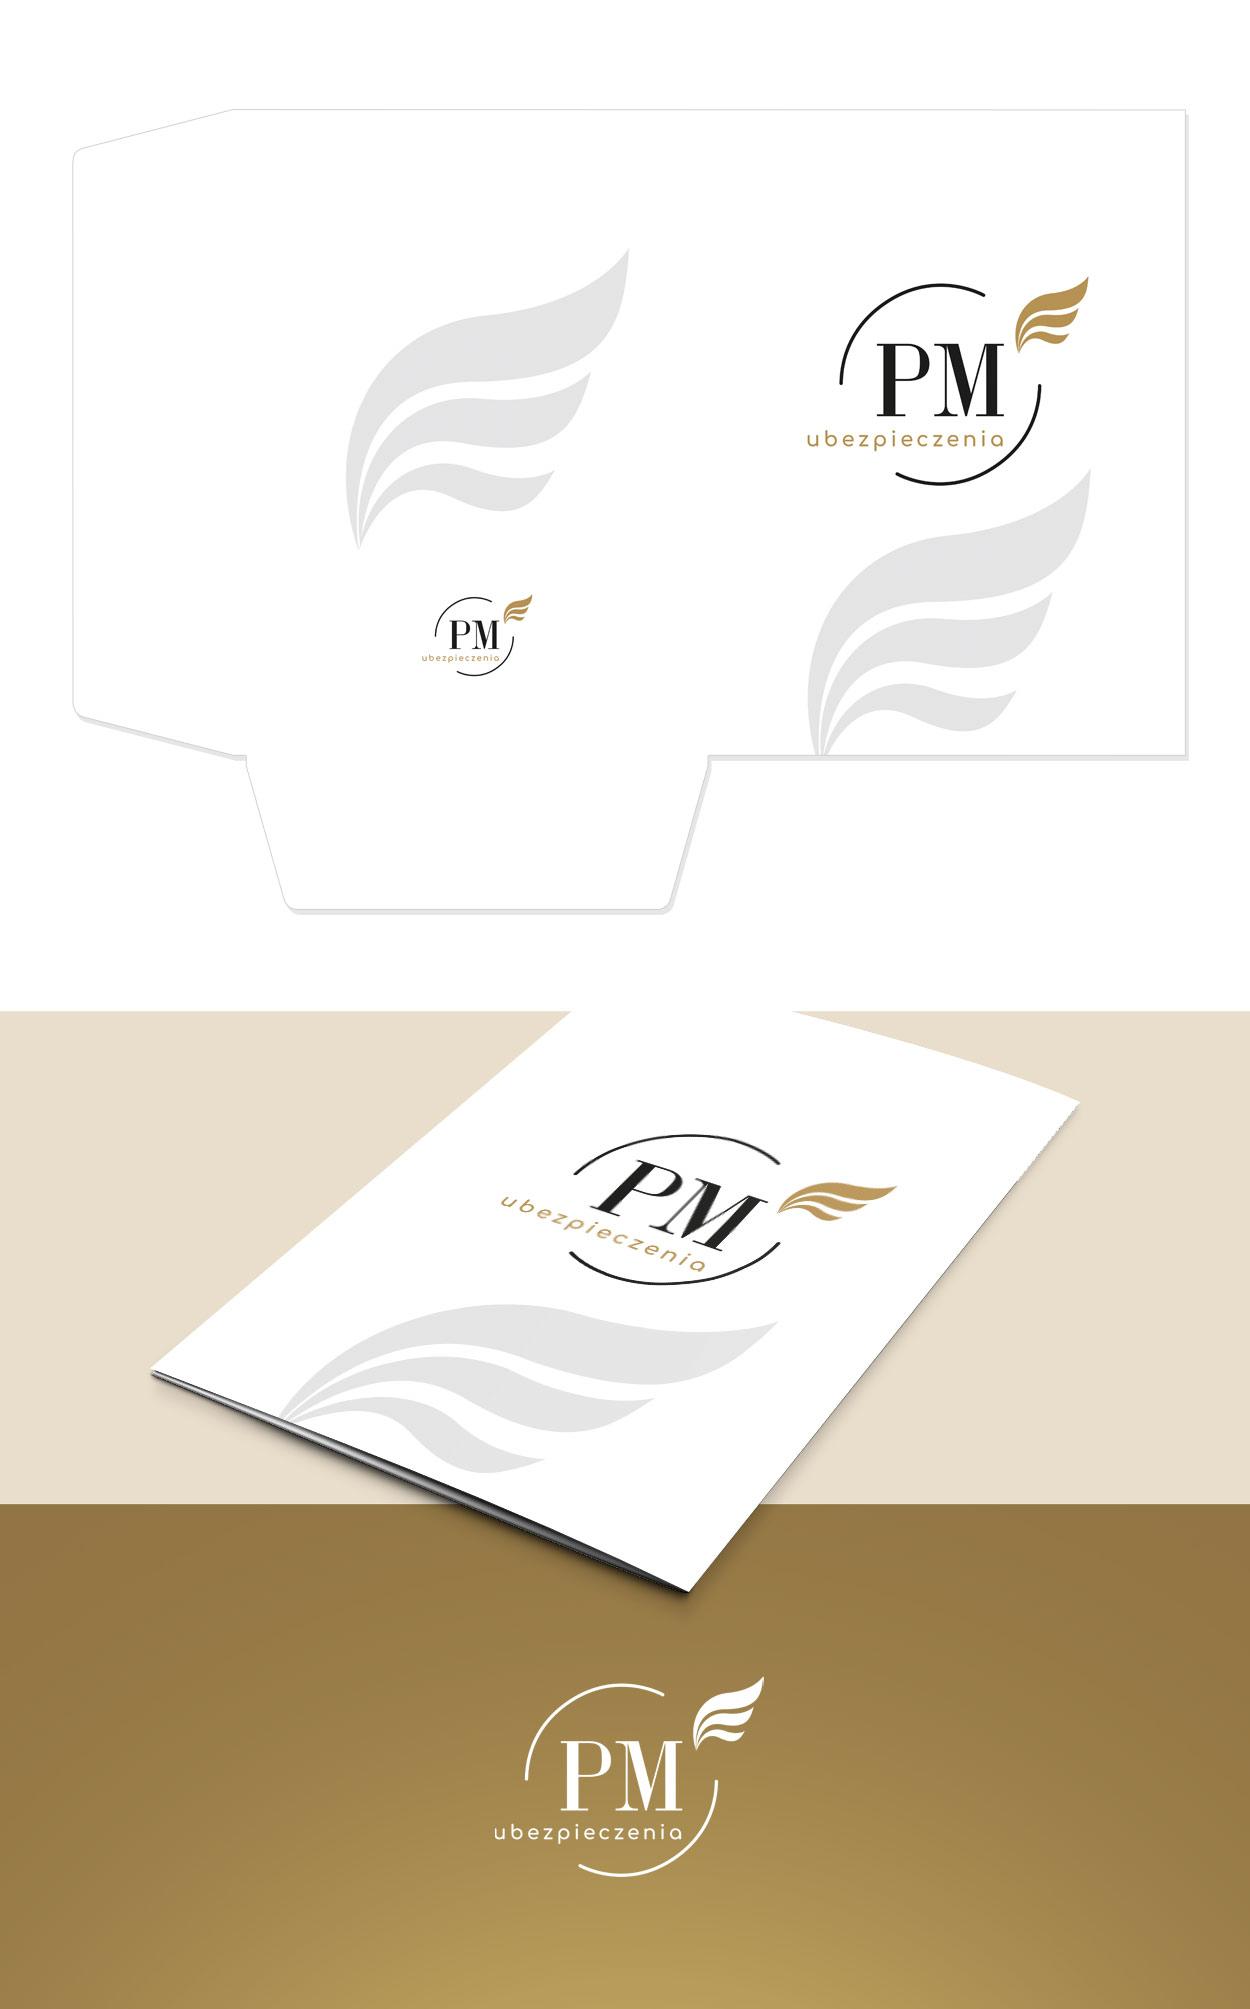 teczka-firmowa-projekt-pm-ubezpieczenia